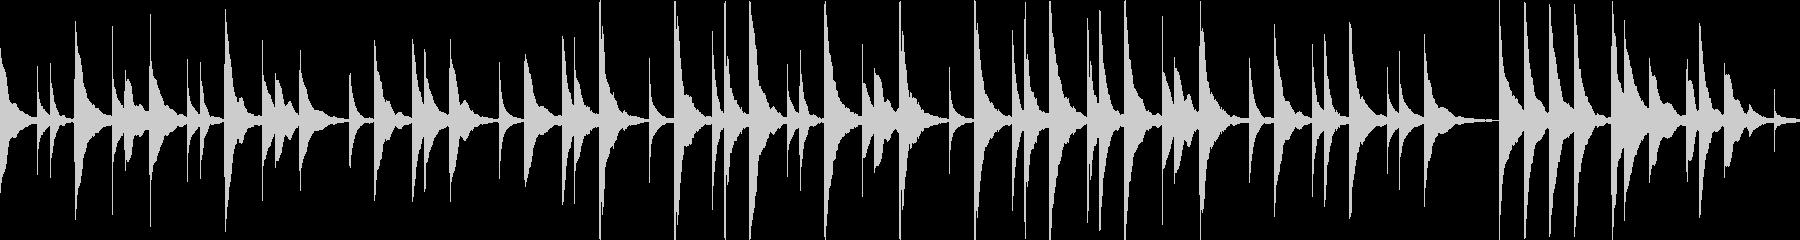 オルゴールアレンジきよしこの夜ループokの未再生の波形